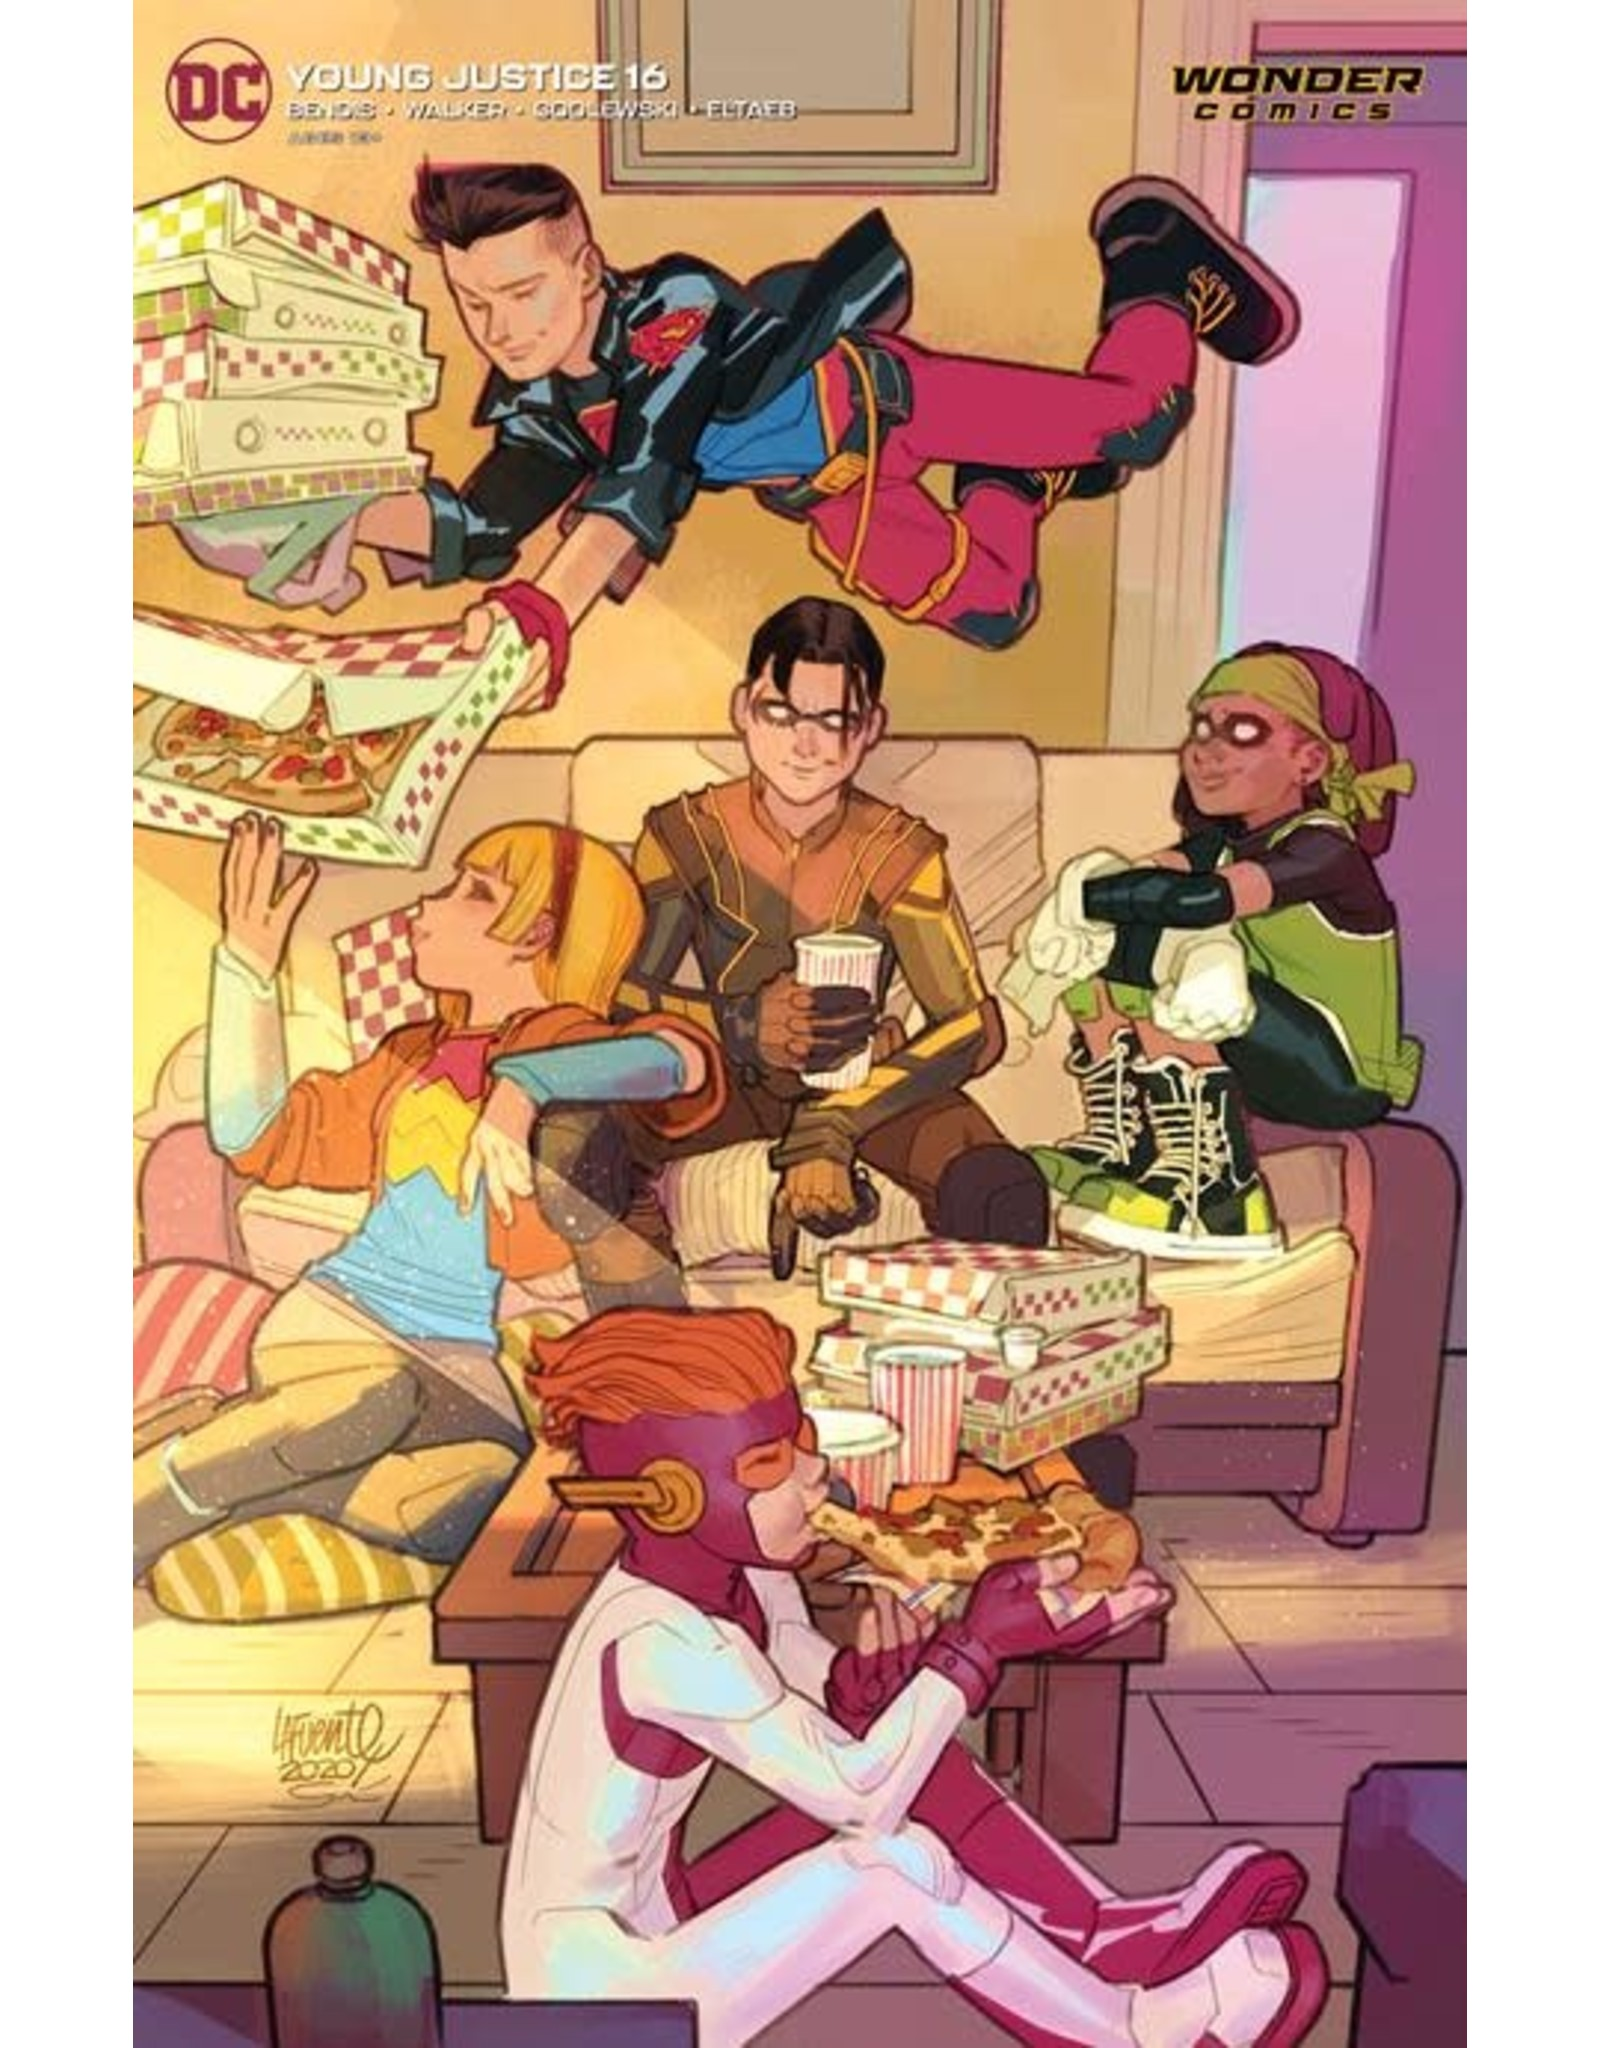 DC COMICS YOUNG JUSTICE #16 FRANCIS MANAPUL VAR ED